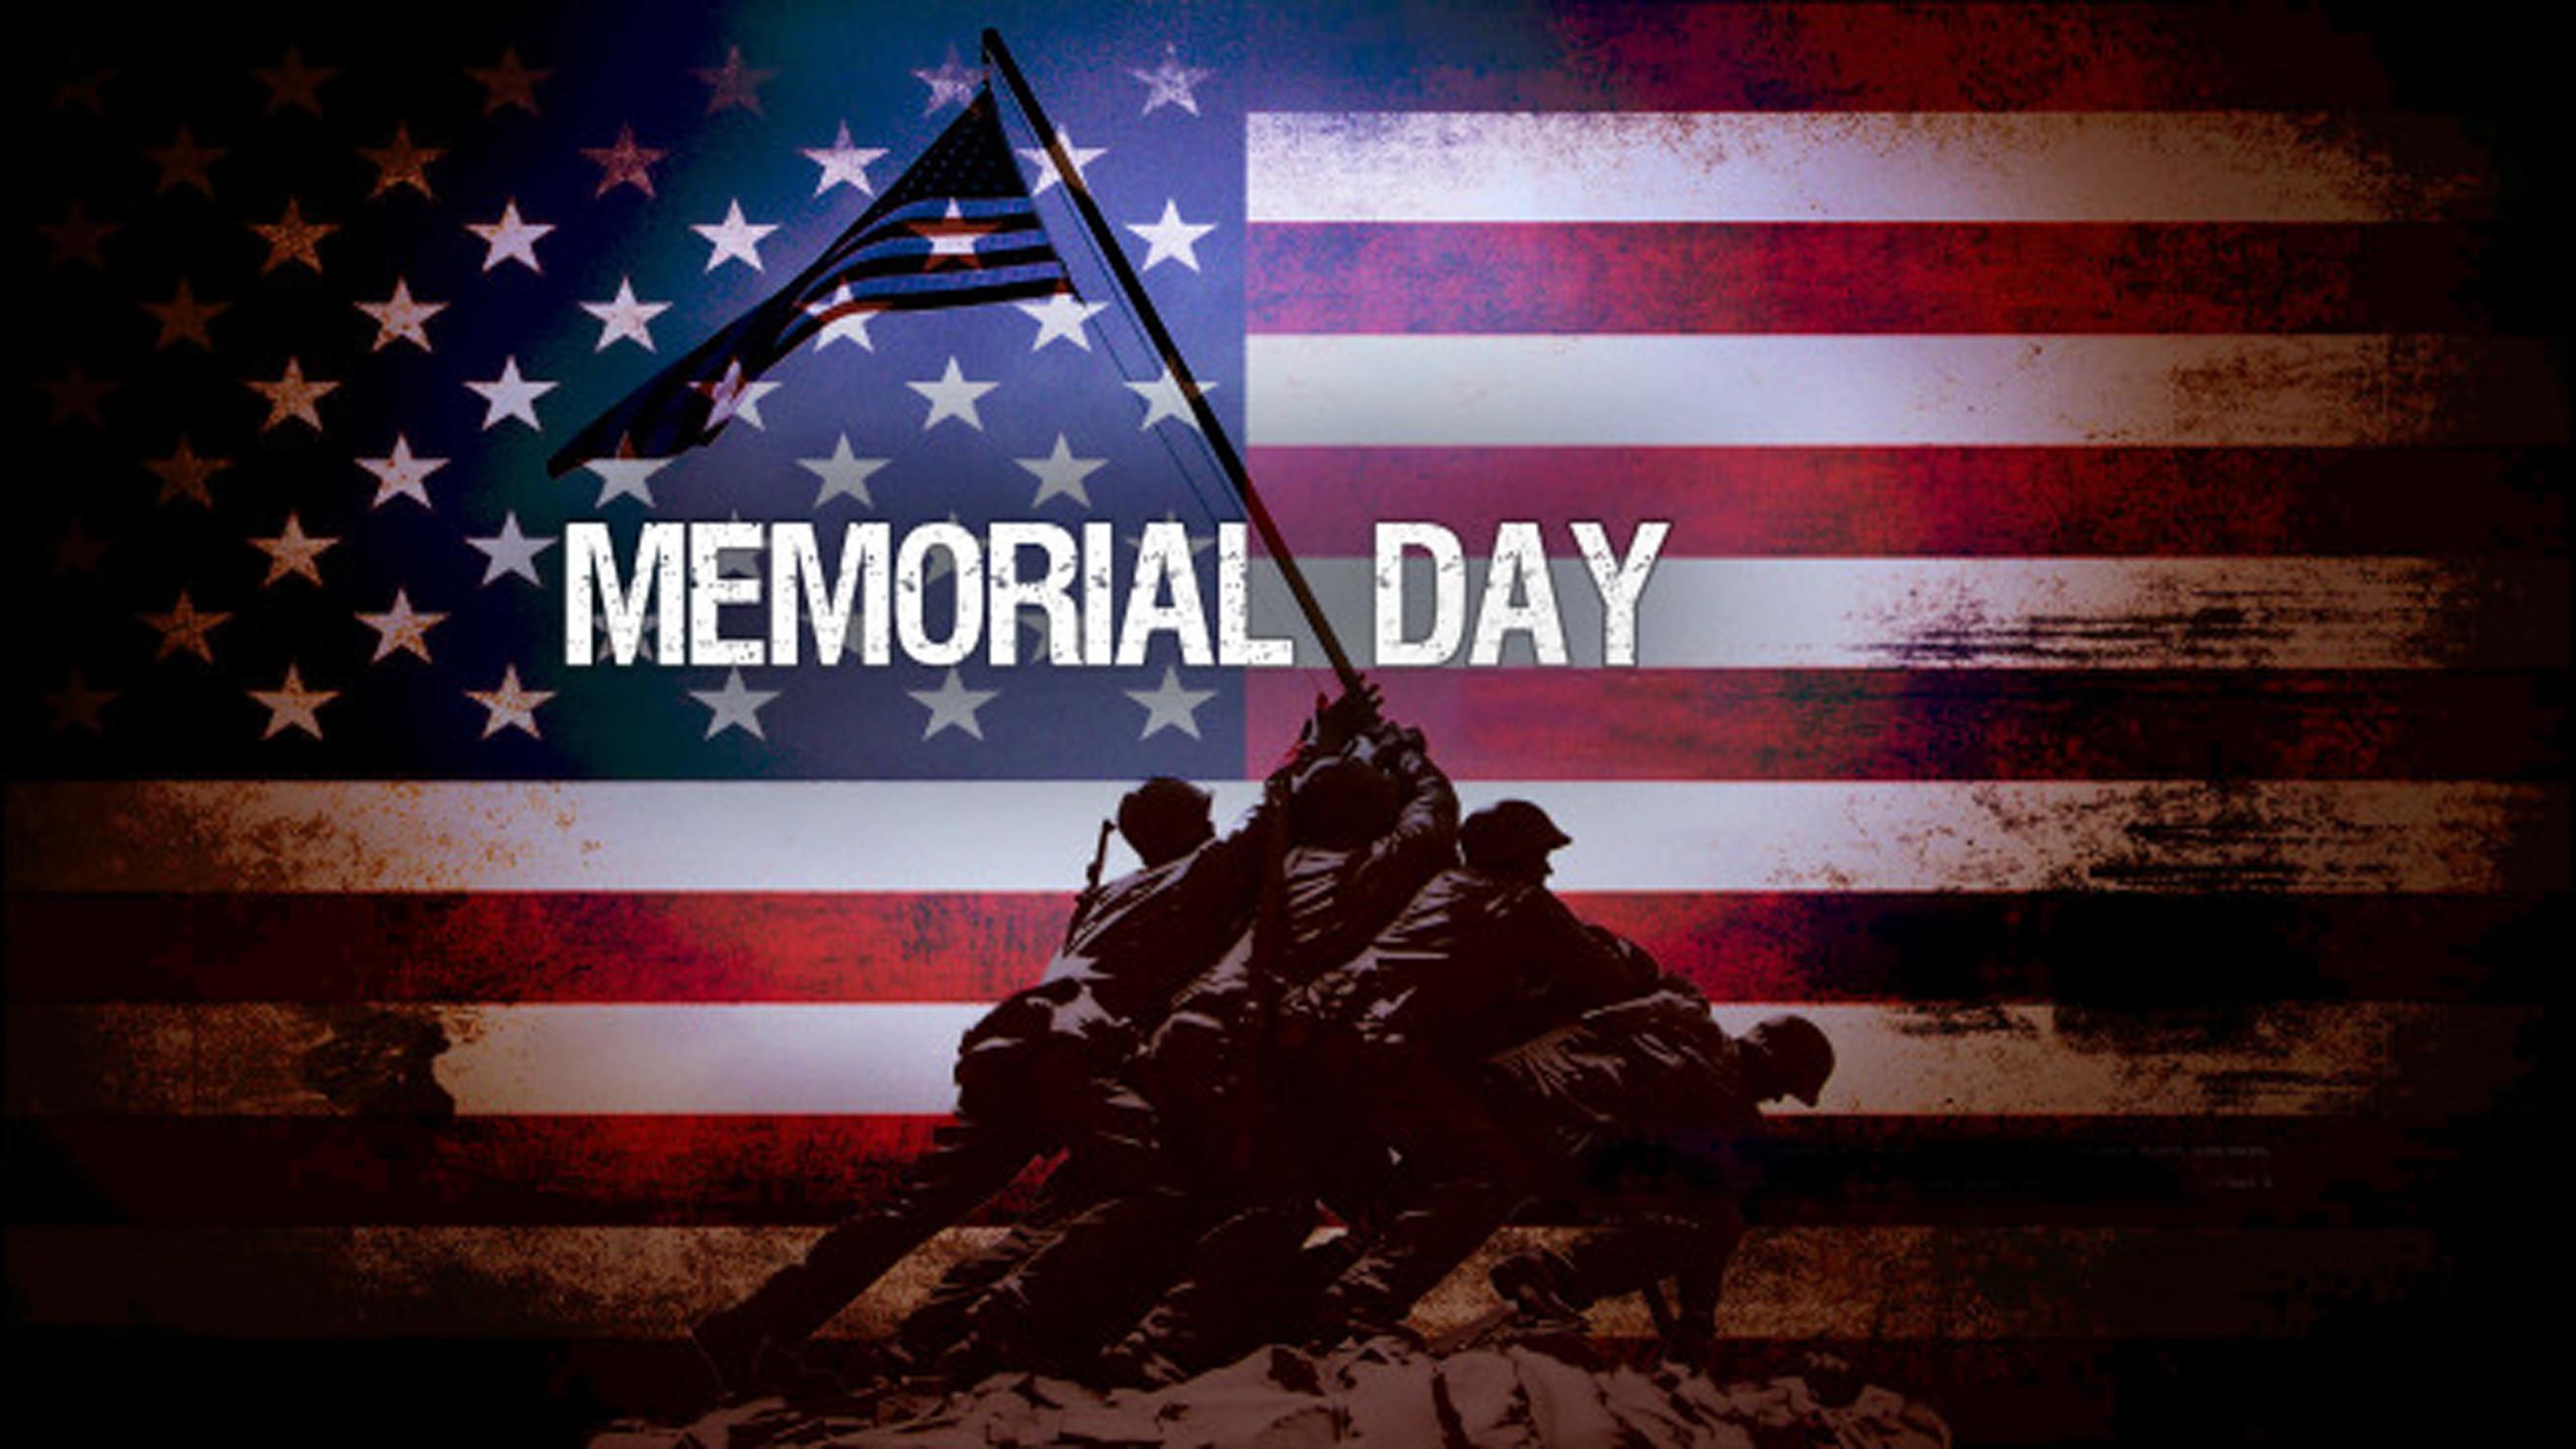 Res: 2667x1500, Memorial Day Desktop Wallpaper Free